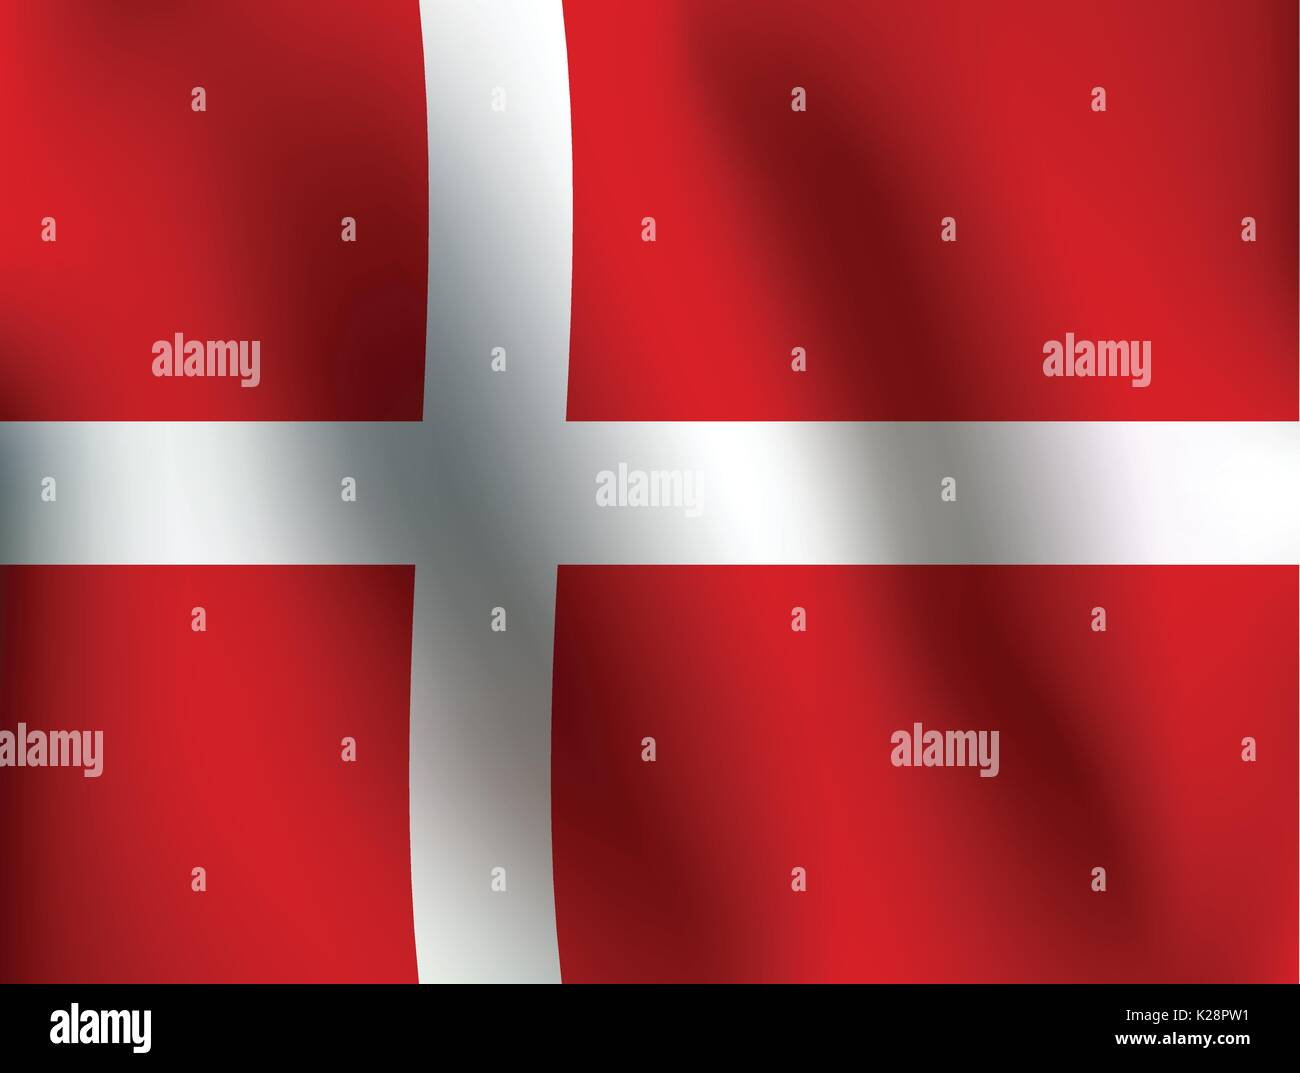 Pabellón de Dinamarca con un poco de hacer ondear la bandera y sombra de colores capas separadas - ilustración vectorial Ilustración del Vector